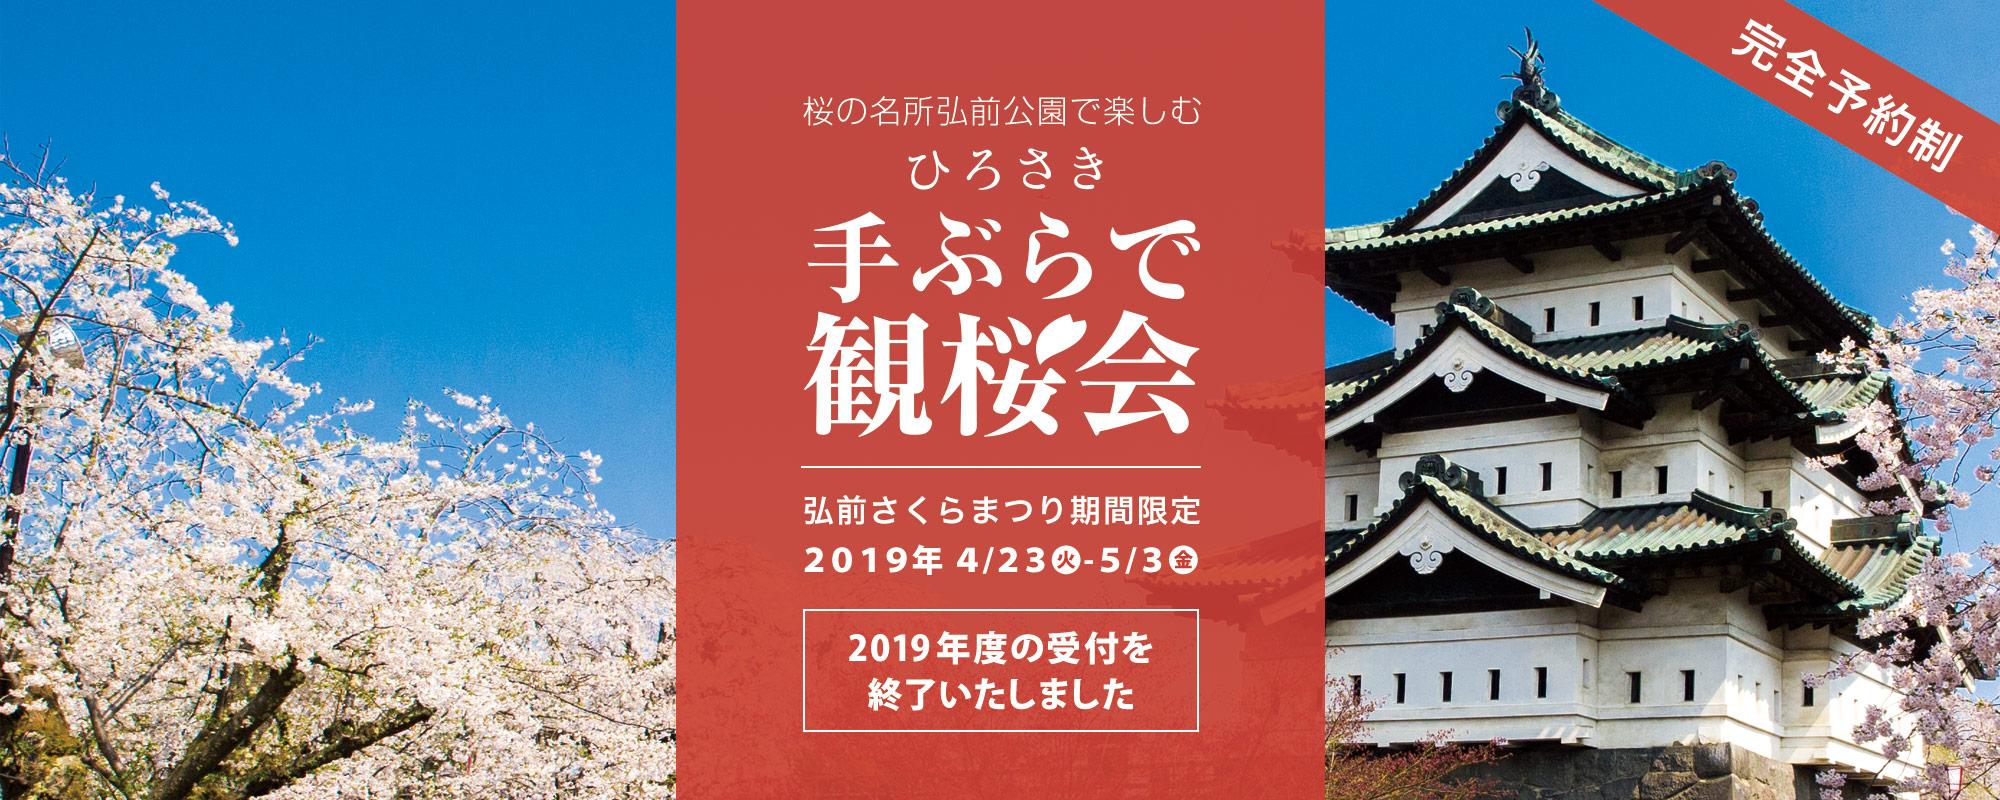 手ぶらで観桜会 弘前城と桜